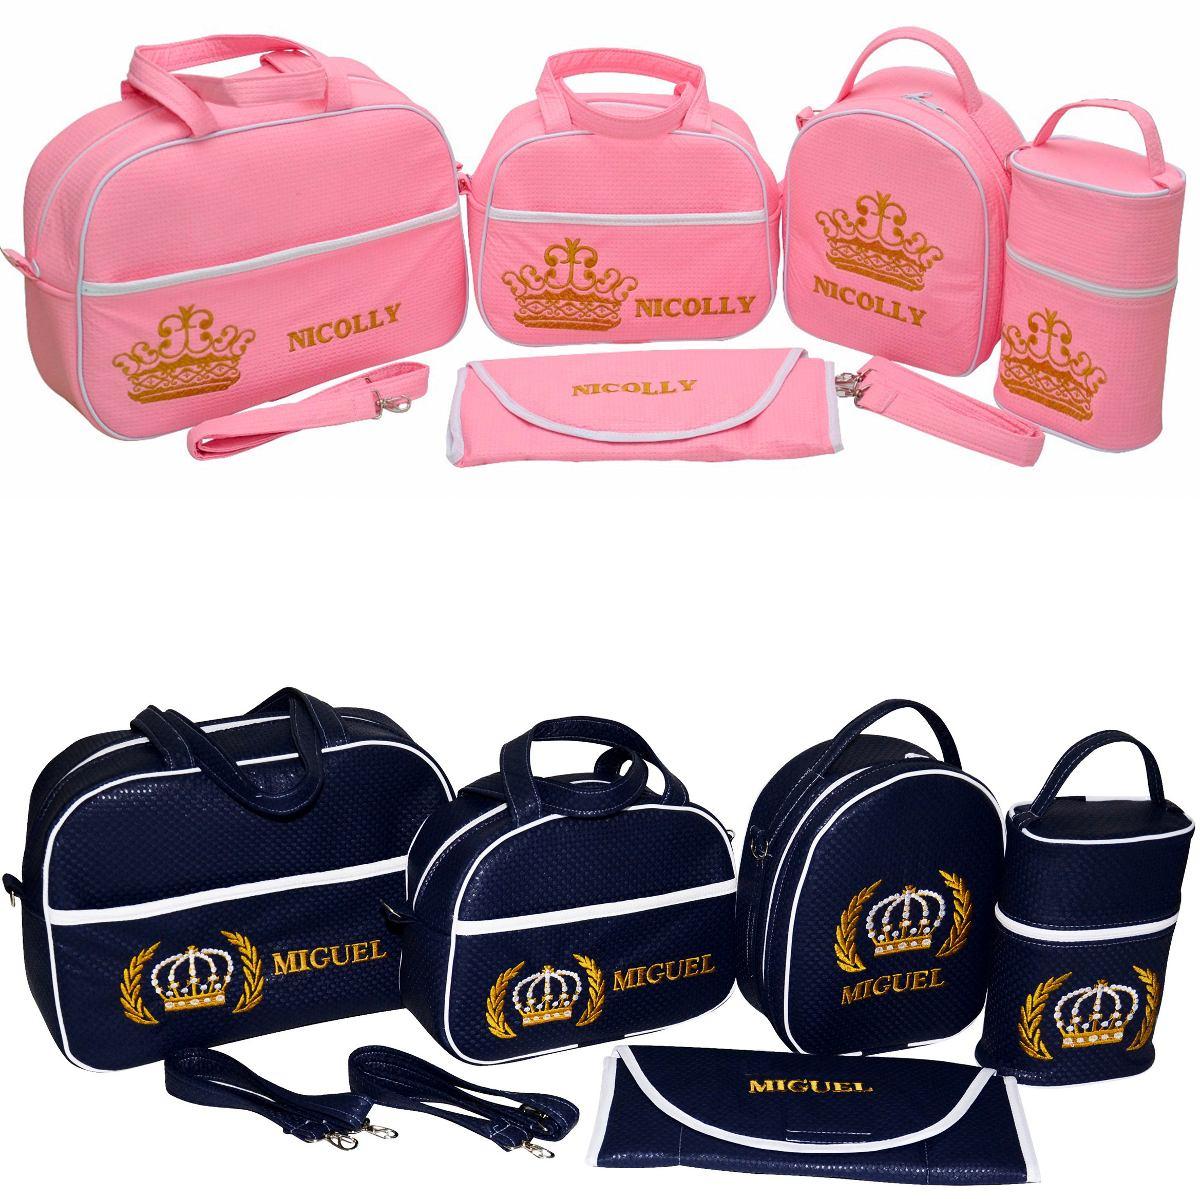 Kit de bolsas maternidade personalizada para bebe 5 for Kit para toldos de enrollar